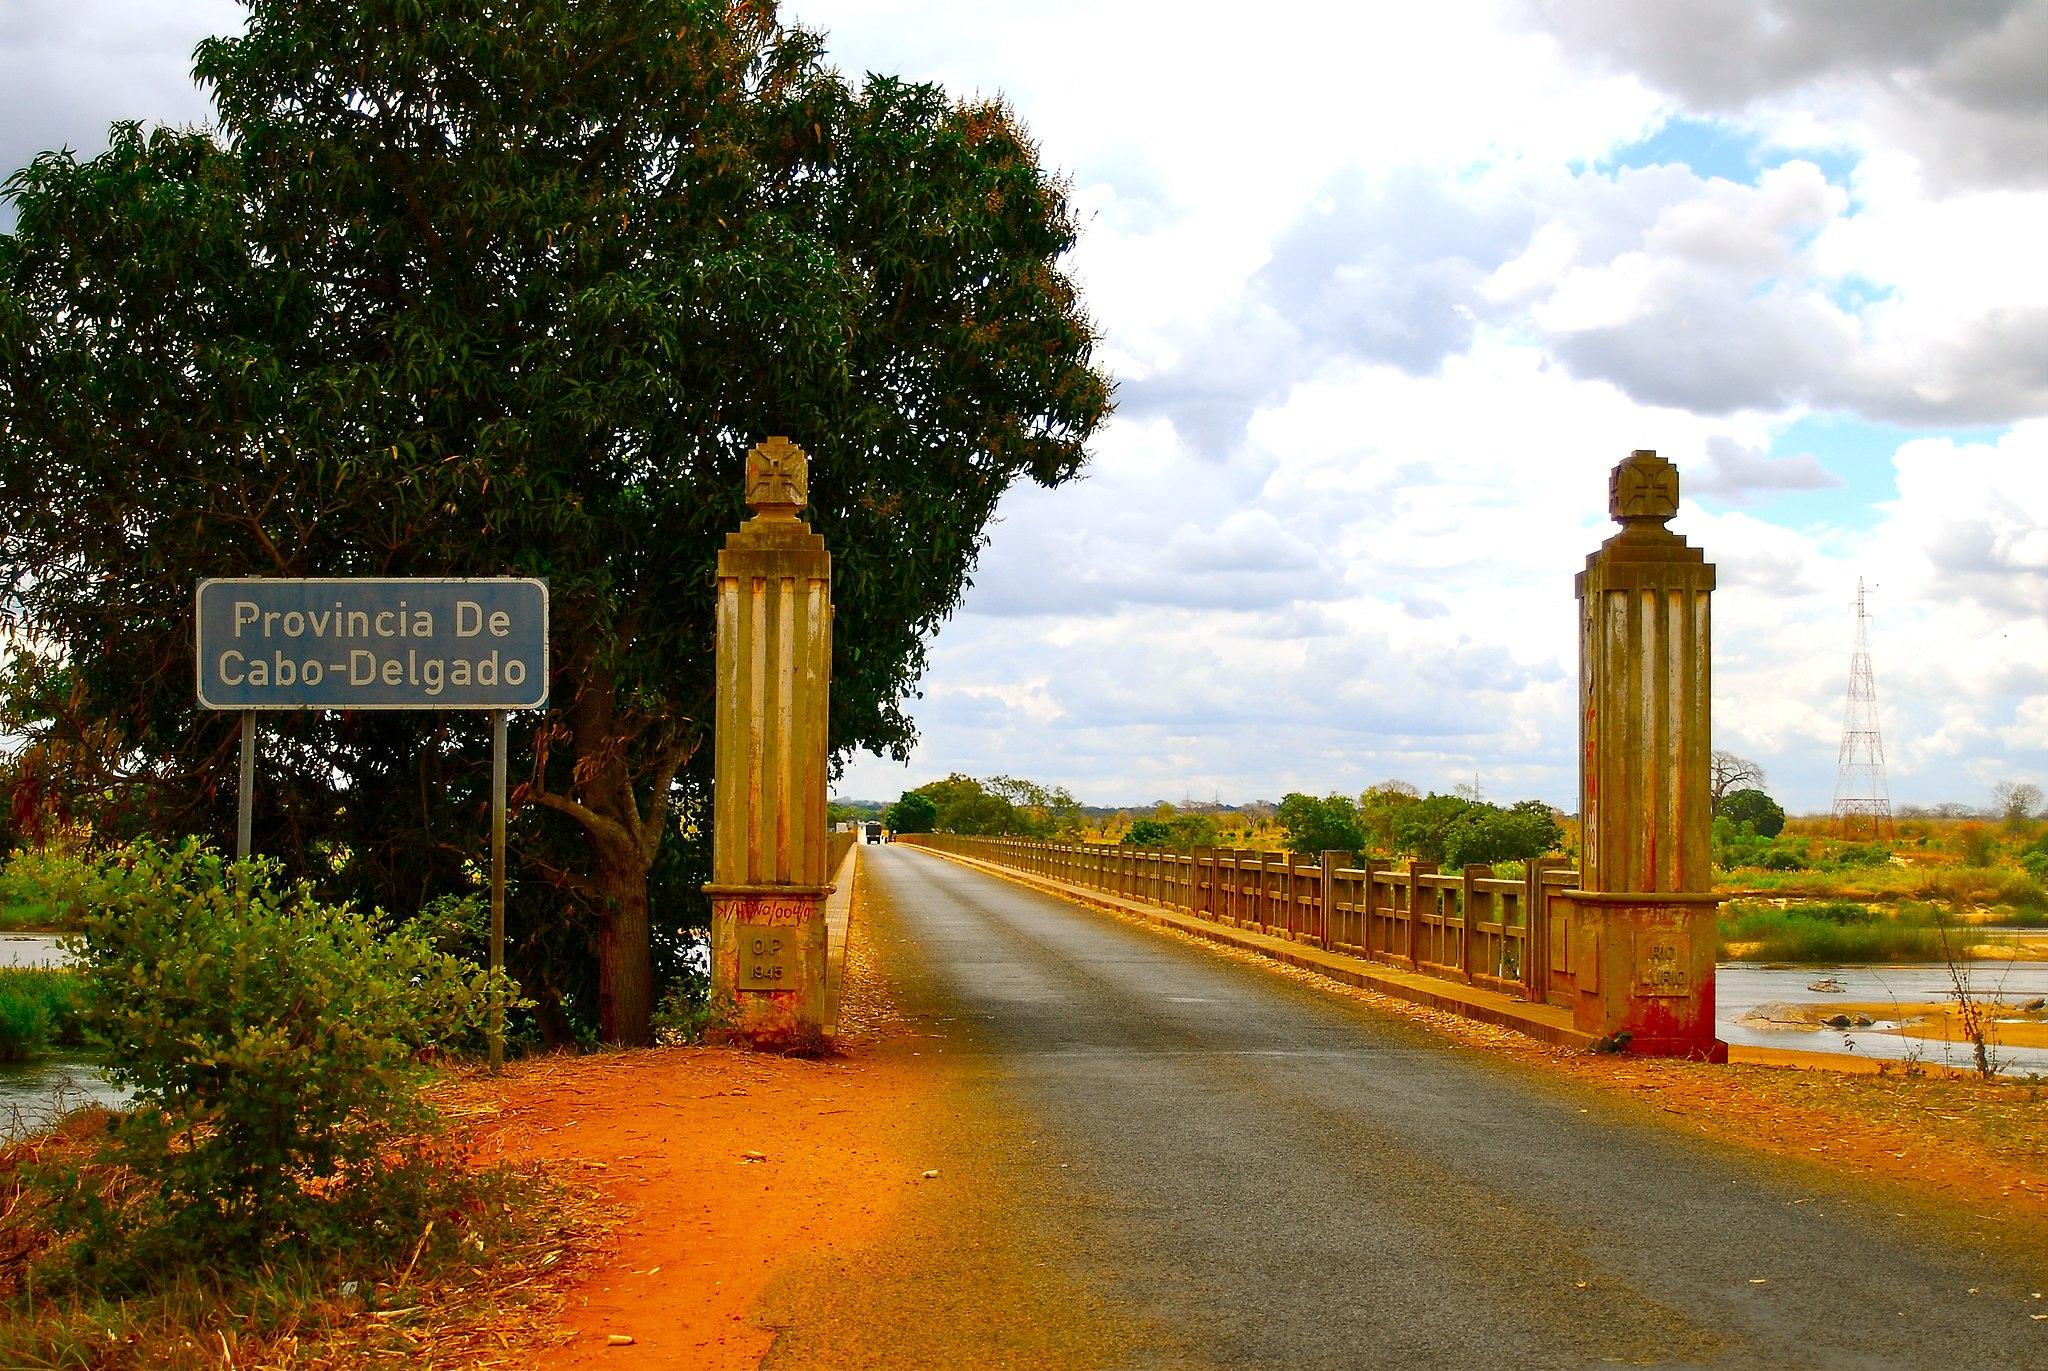 Mozambique insurgents hunt Christians door-to-door